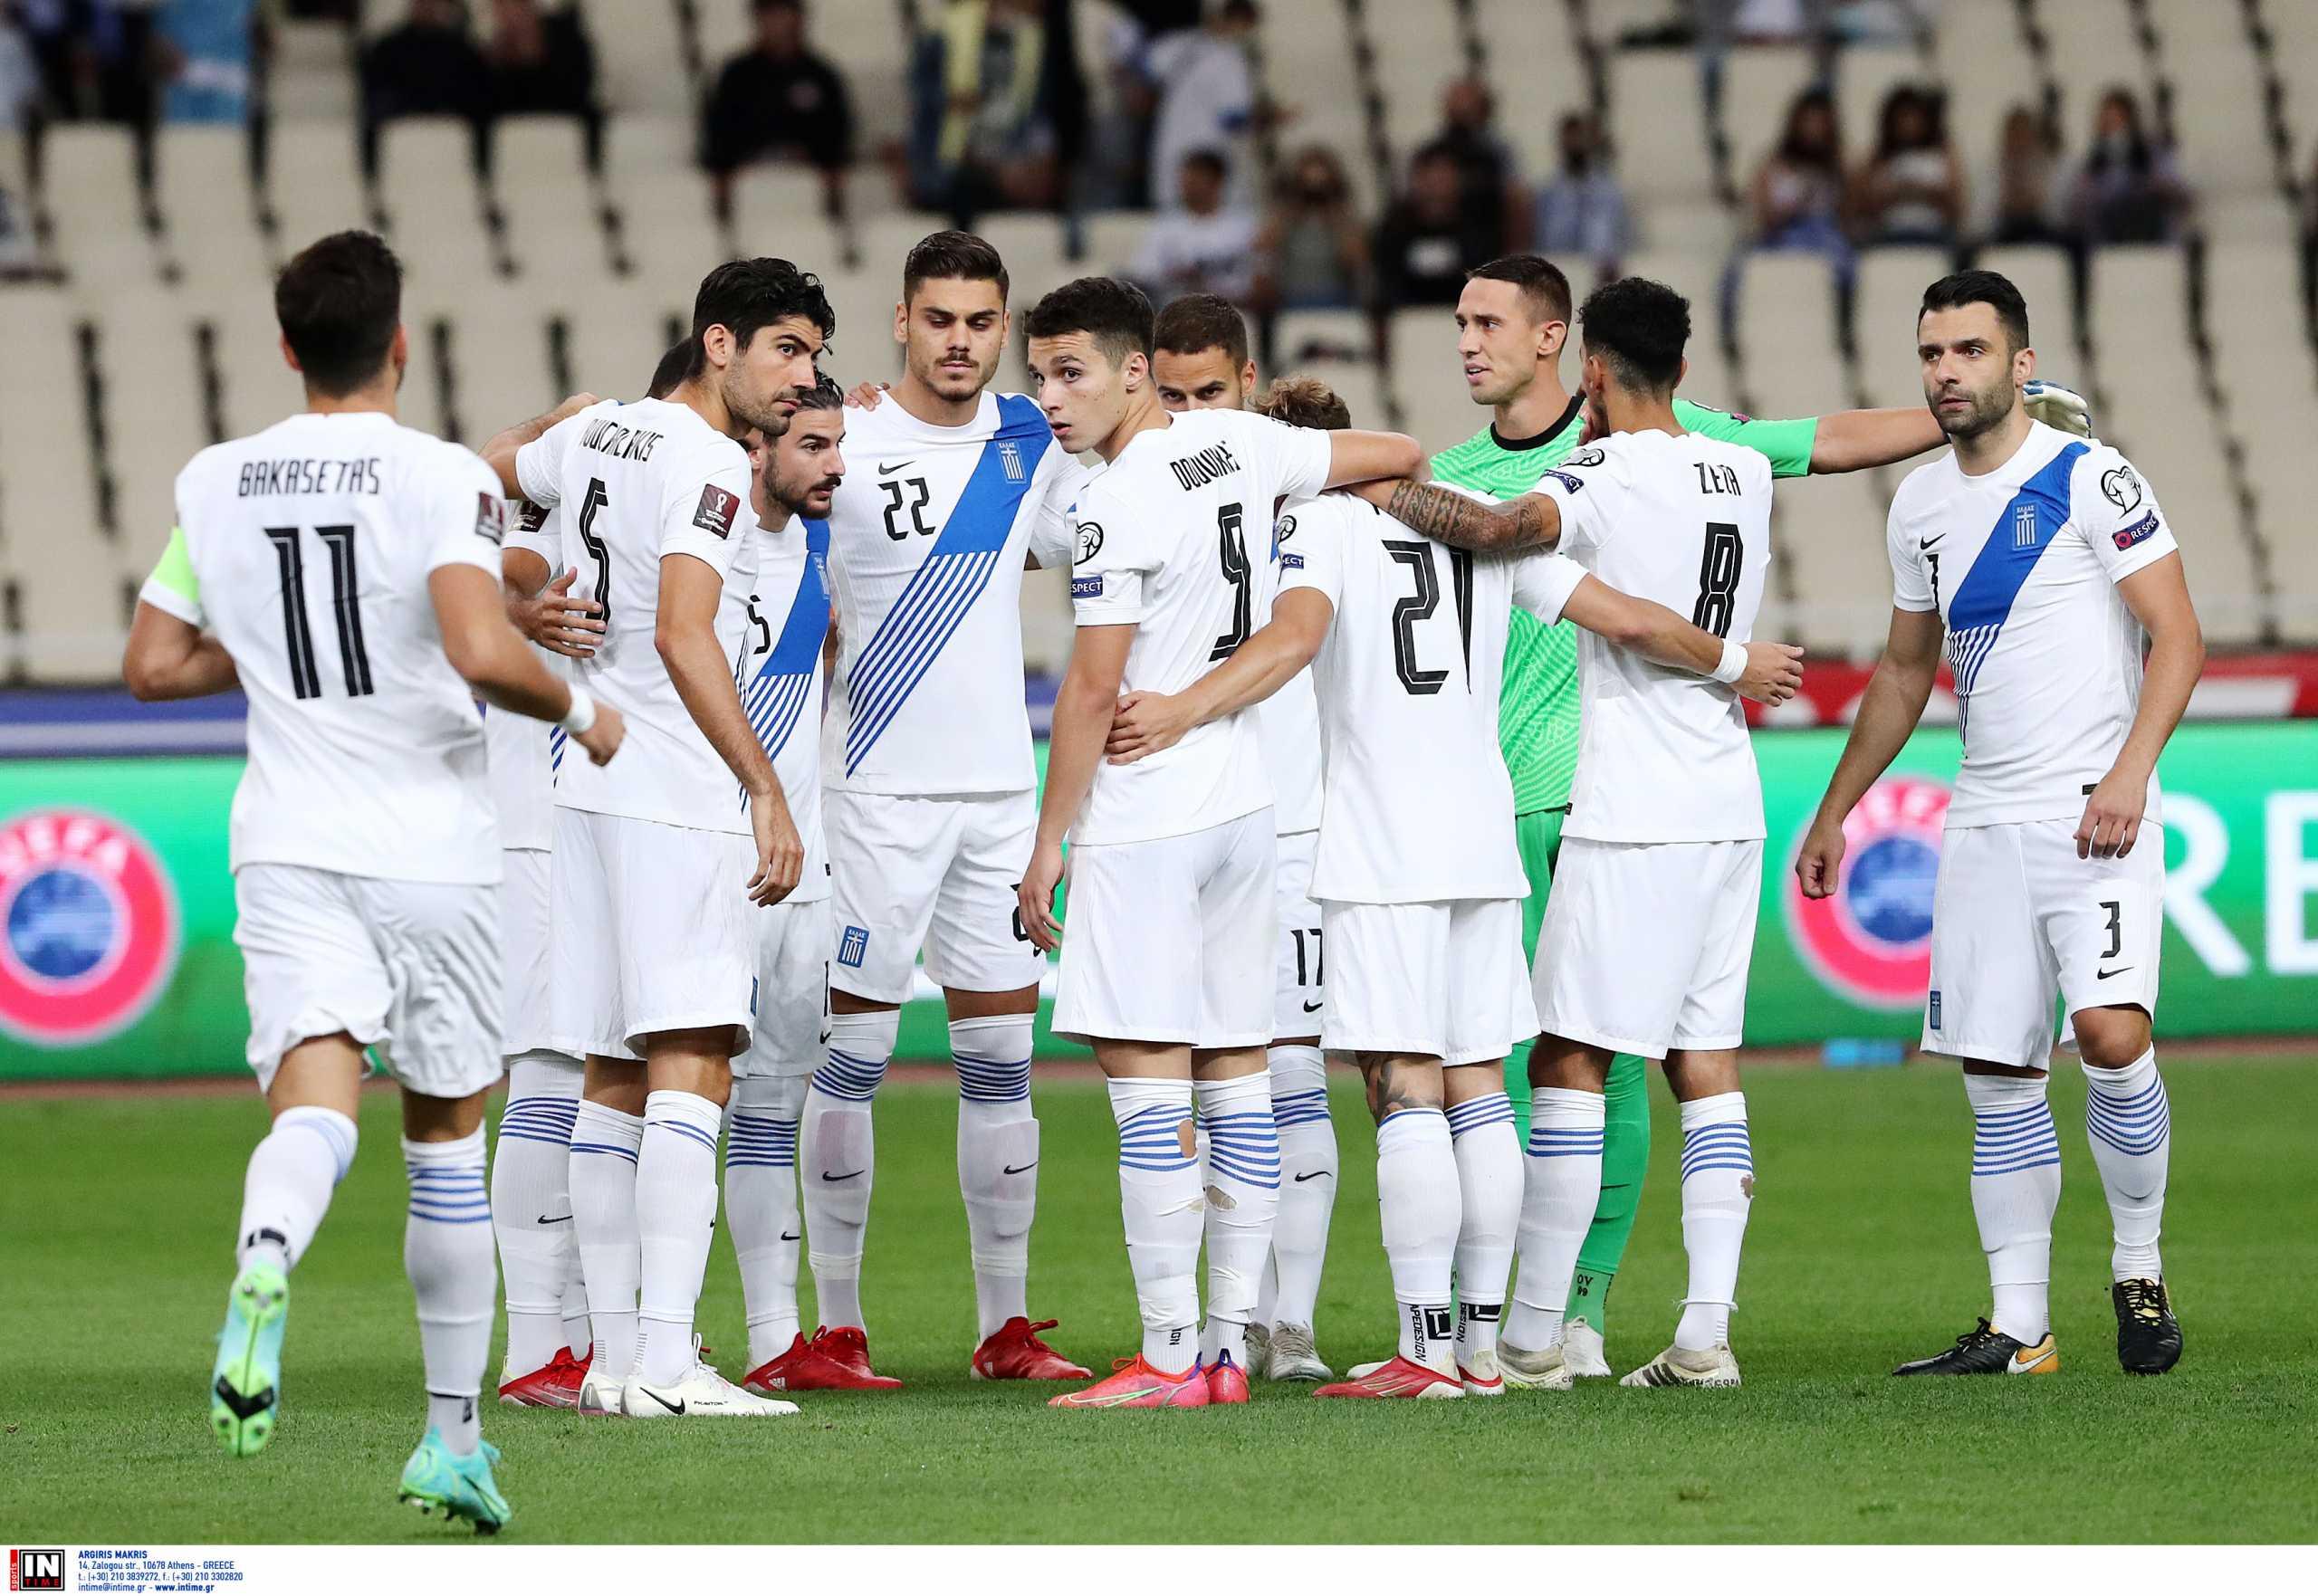 Ελλάδα – Σουηδία 2-1 ΤΕΛΙΚΟ: Πρώτη νίκη στα προκριματικά του Παγκοσμίου Κυπέλλου